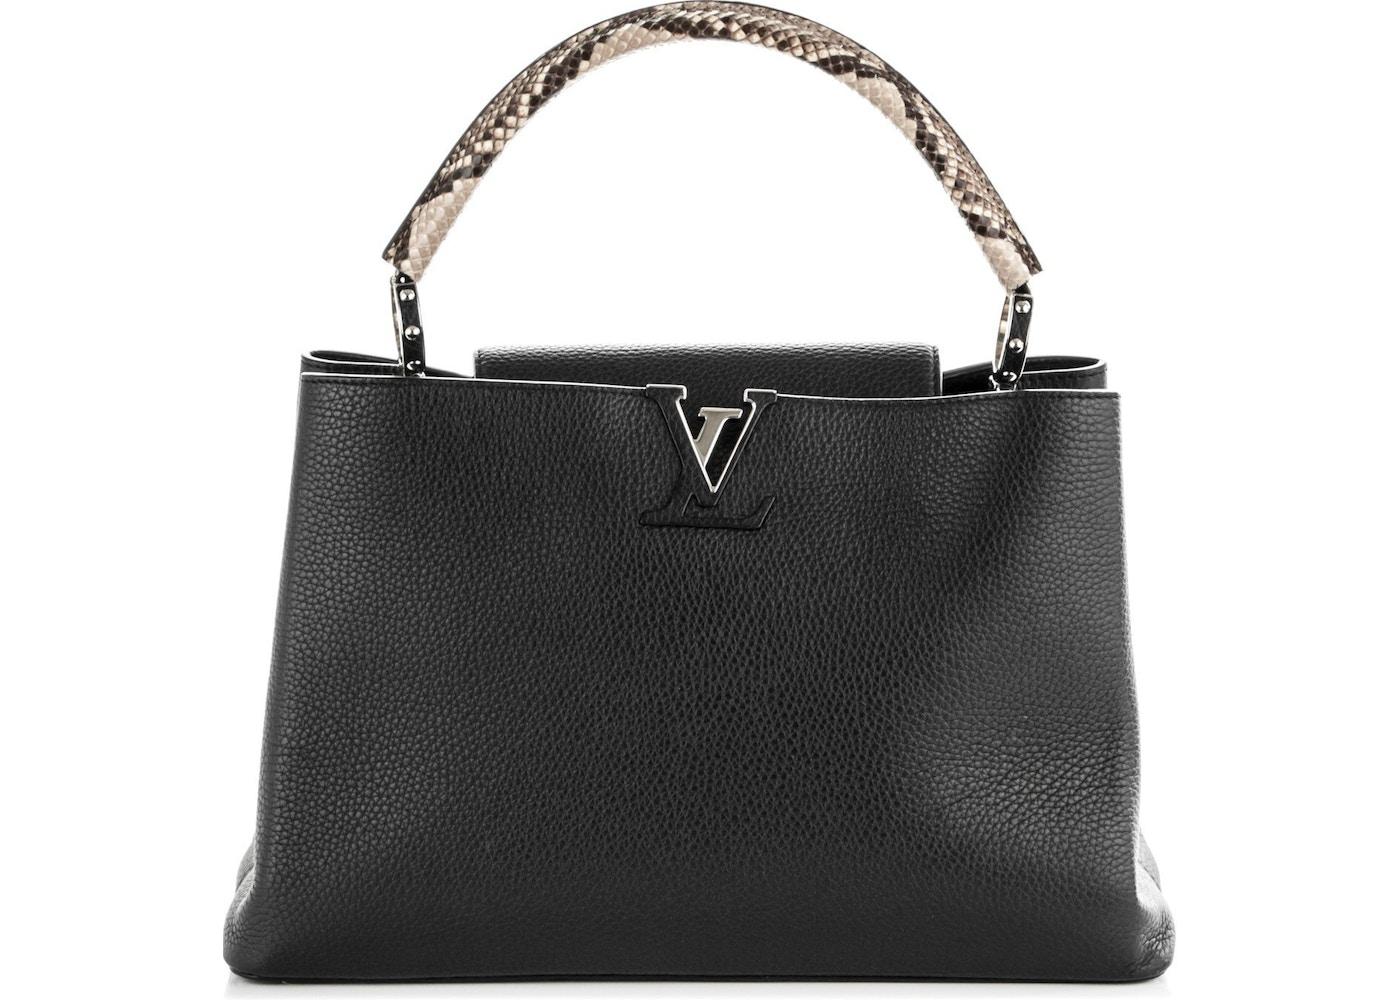 e63516d08d53f1 Louis Vuitton Capucines Python Handle Taurillon MM Noir Black